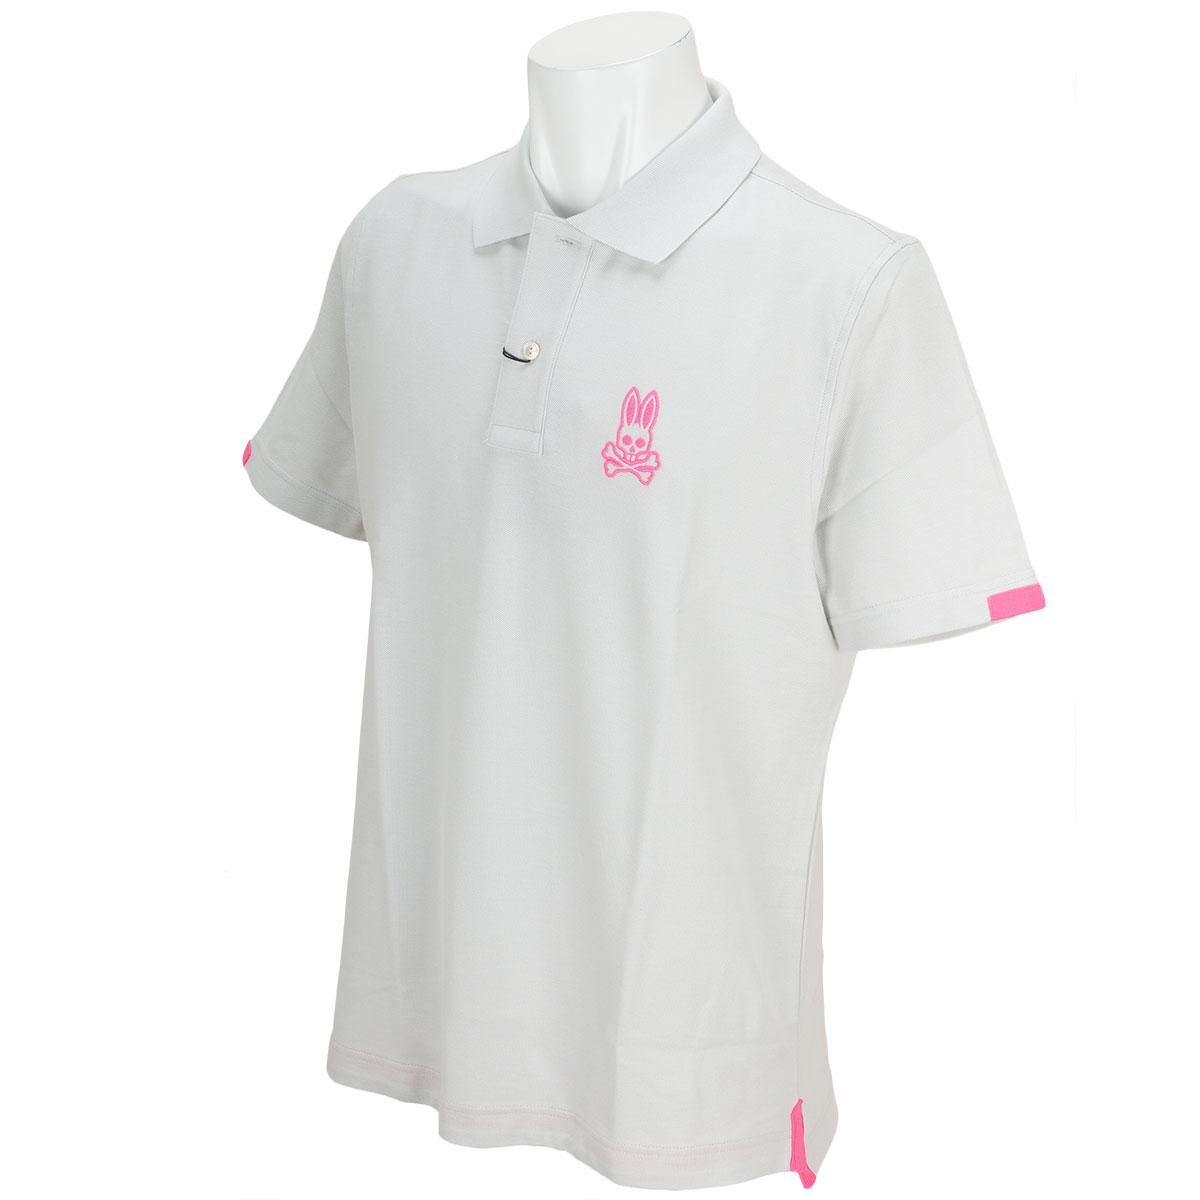 ネオンインサート半袖ポロシャツ